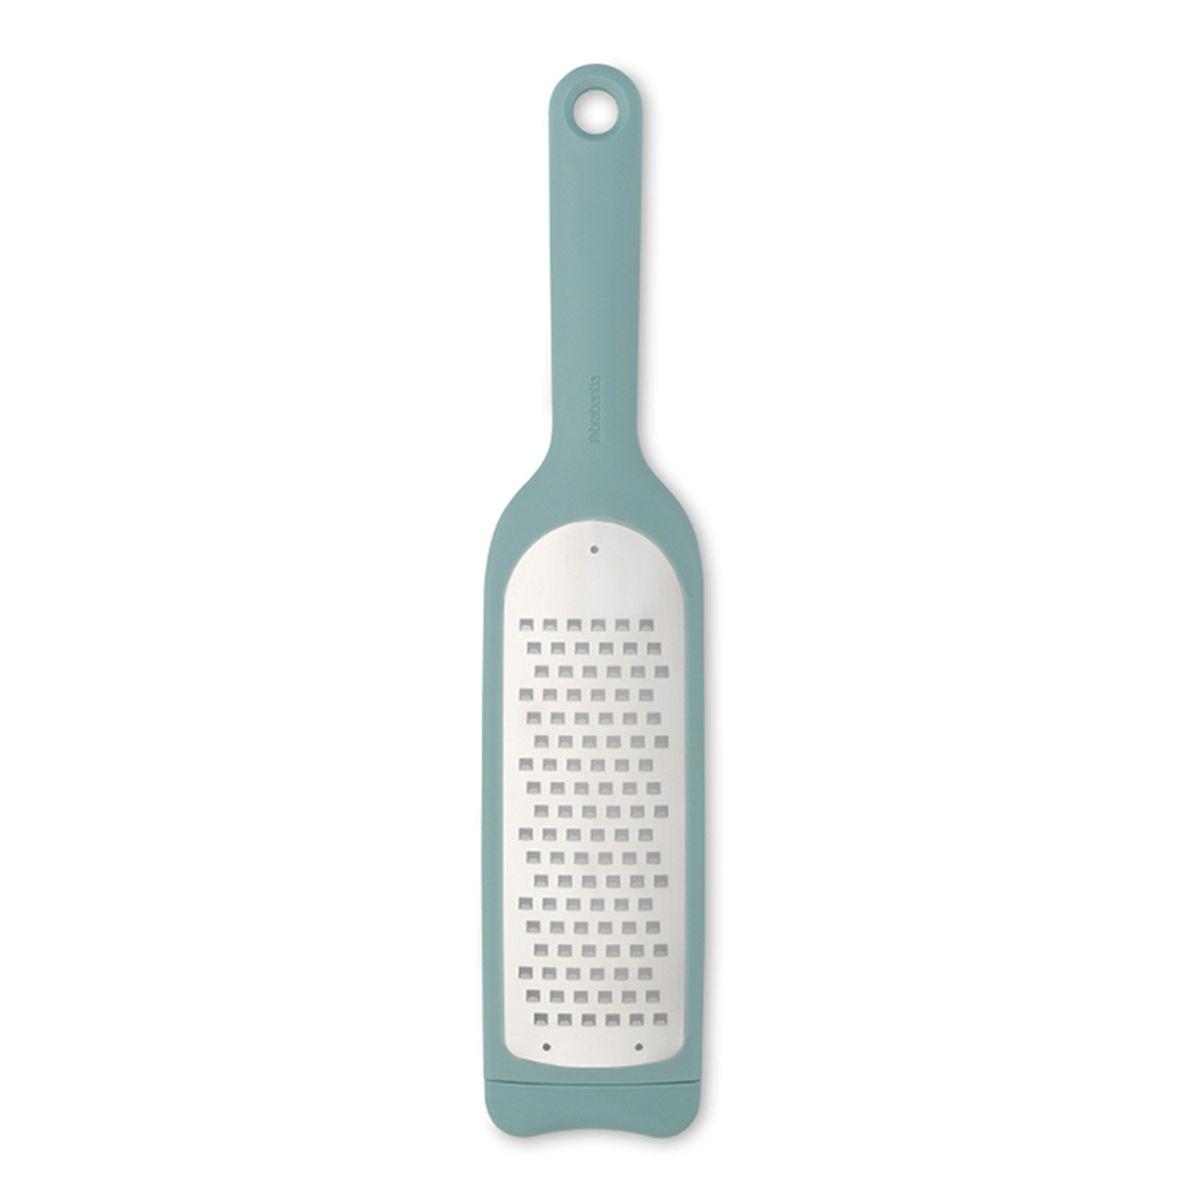 Терка Brabantia Tasty Colours, длина 35,5 см110122Идеальная терка для шинковки капусты, измельчения мягких видов сыров, цуккини, картофеля, яблок, тыквы и т.п. Удобна в хранении – петелька для подвешивания; Длинная ручка позволяет прочно удерживать изделие во время использования; Легко моется – можно мыть в посудомоечной машине; Прочная - изготовлена из нержавеющей стали с остро наточенными зубцами; Повышенная устойчивость – нескользящее основание; Благодаря специальным прорезям на задней поверхности терка надежно удерживается в миске или сковороде; Повышенная безопасность – прозрачный защитный футляр; Гарантия 5 лет.